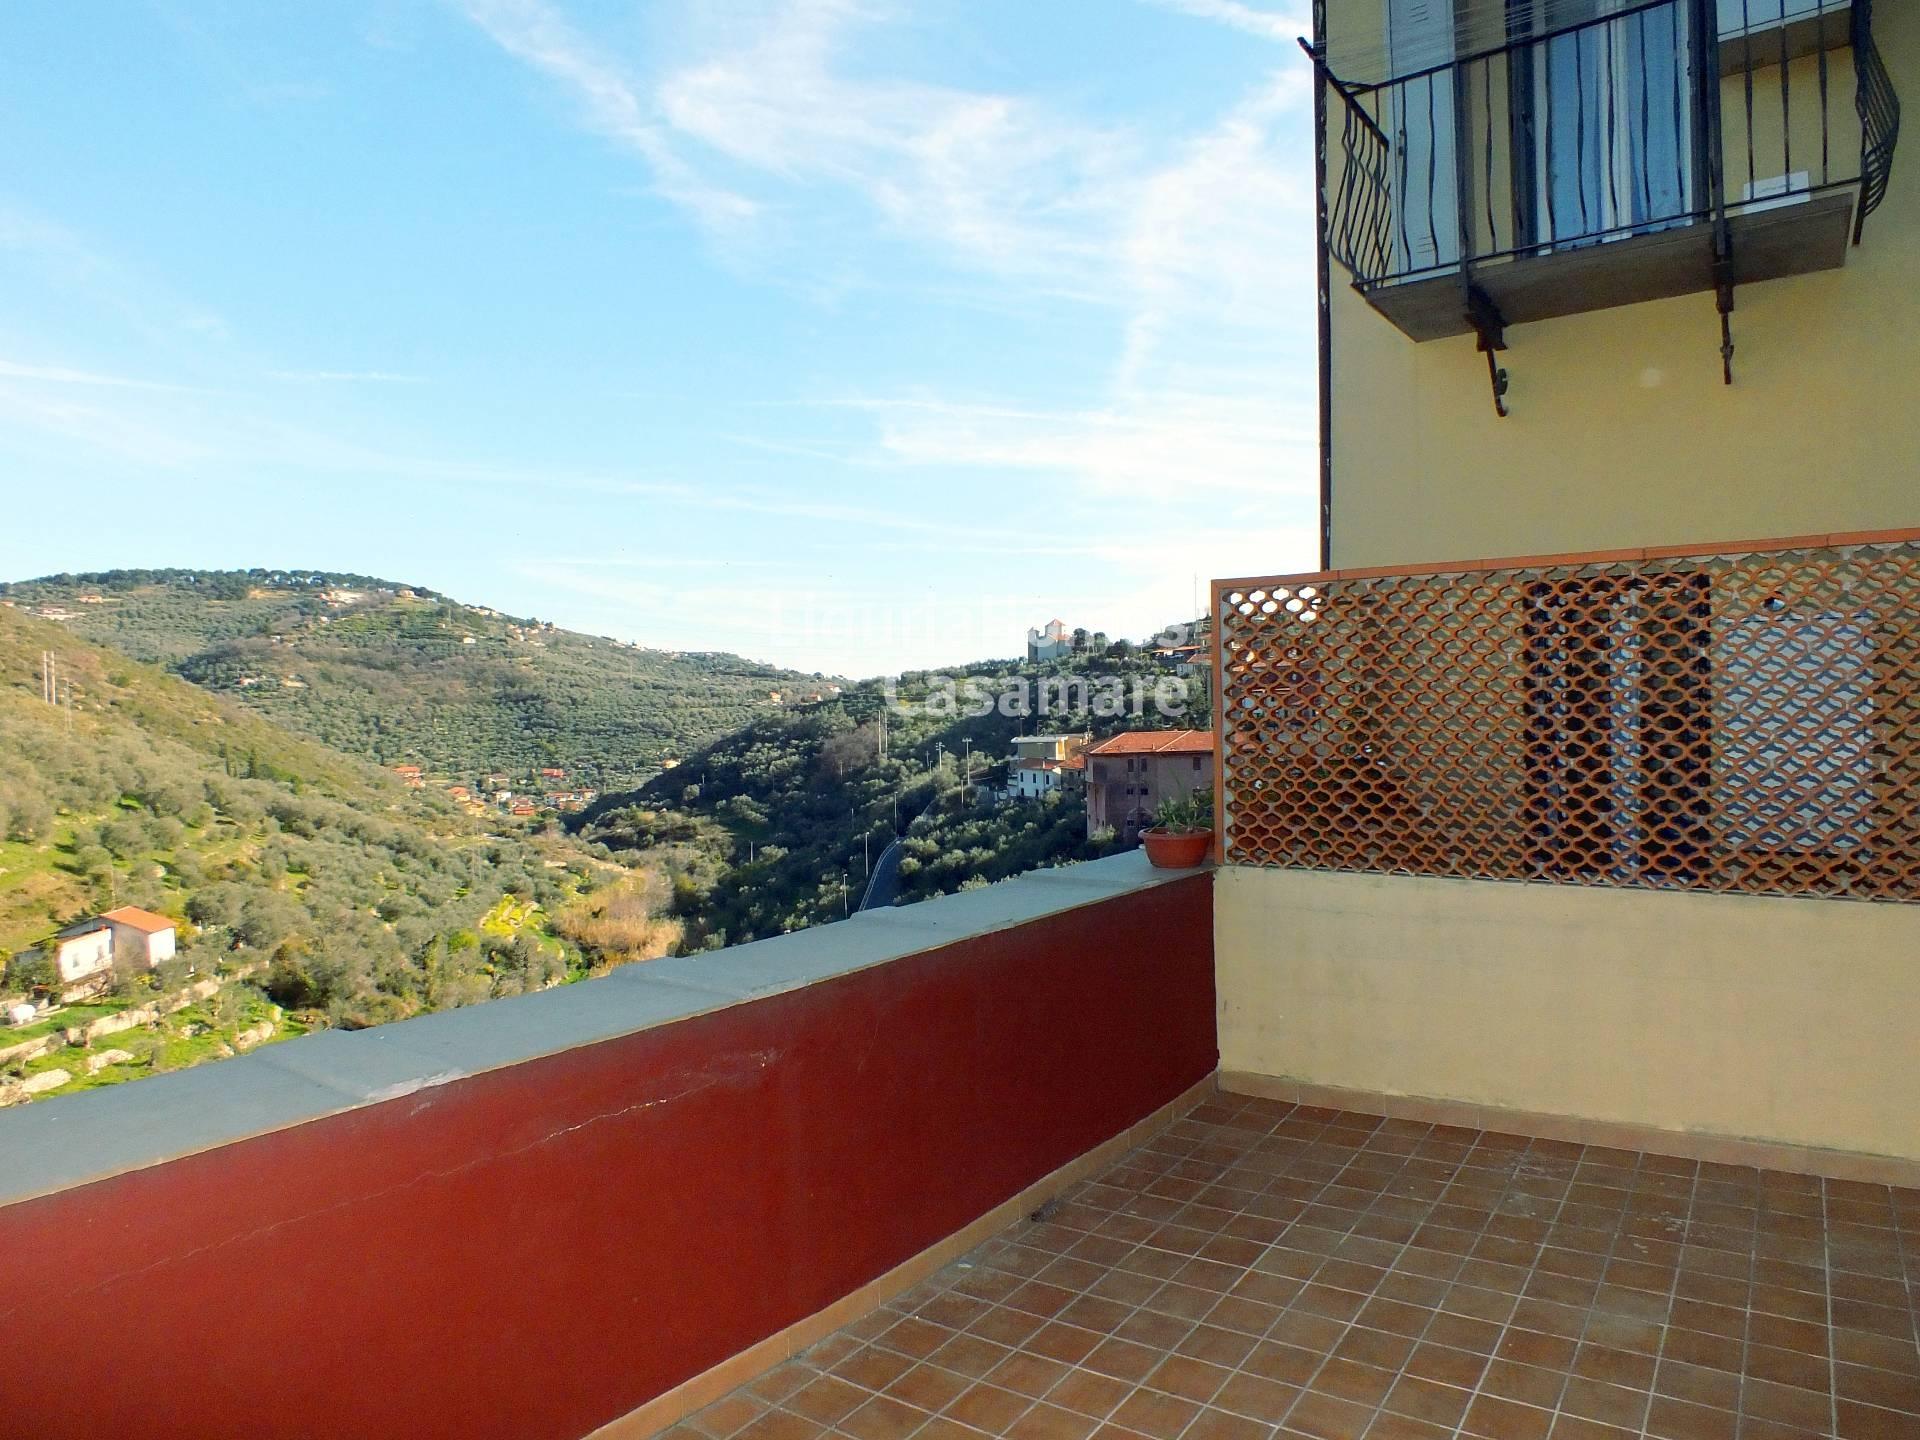 Appartamento in vendita a Imperia, 4 locali, prezzo € 155.000 | Cambio Casa.it